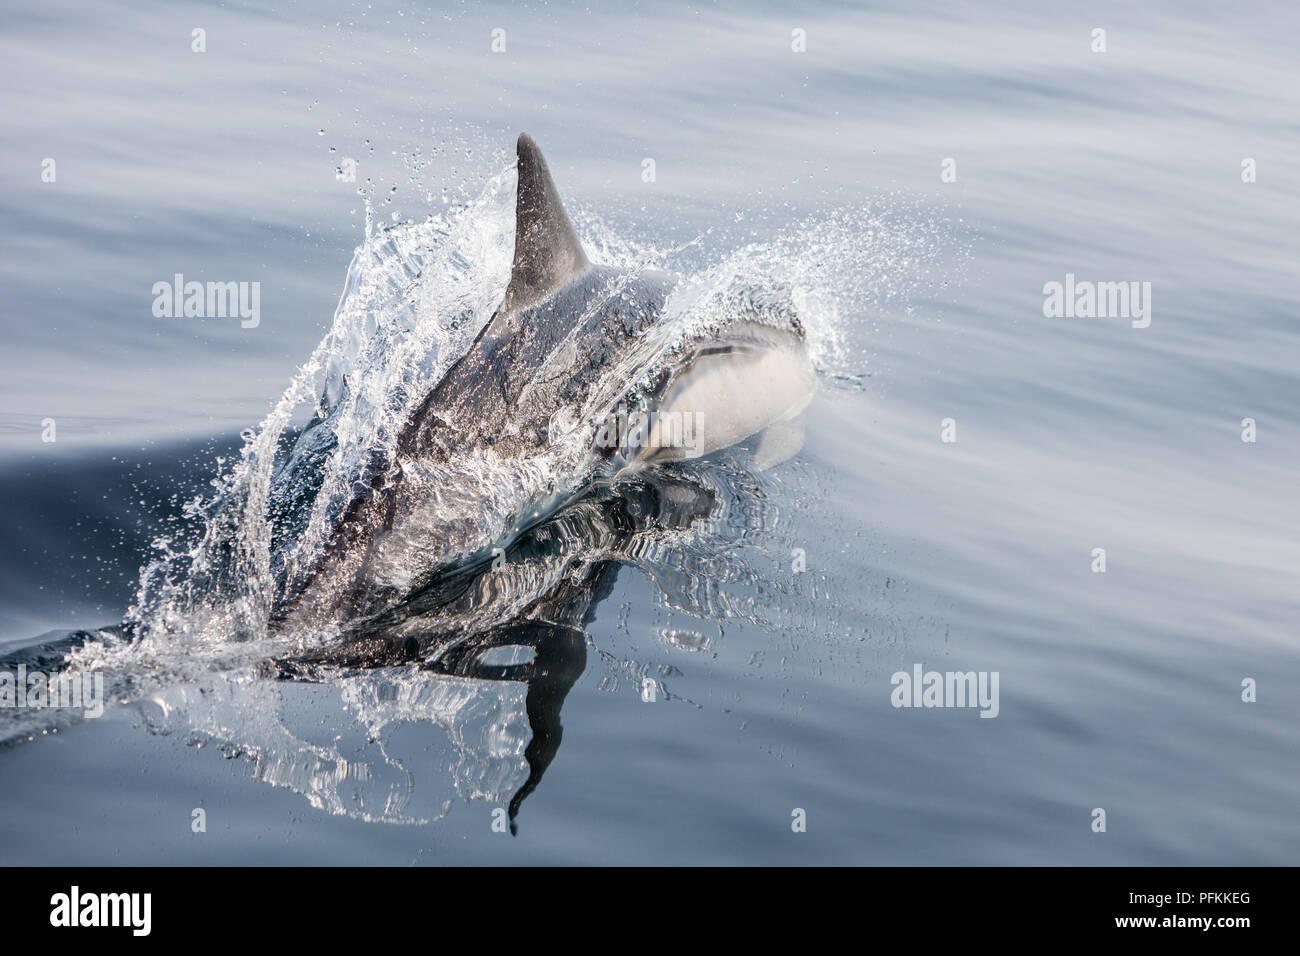 Un agile Short-Beaked delfino comune, Delphinus delphis, nuotate nell'Oceano Atlantico al largo di Capo Cod, Massachusetts. Foto Stock